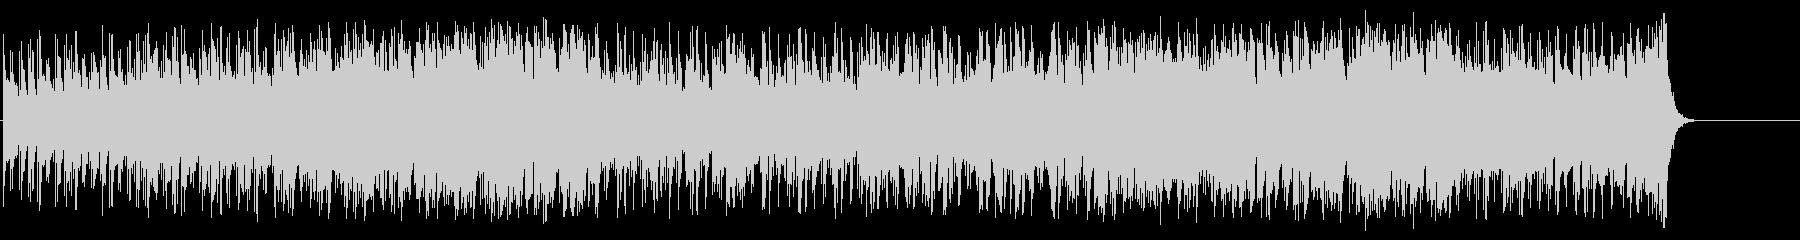 爽快感満点のフュージョン/ポップの未再生の波形